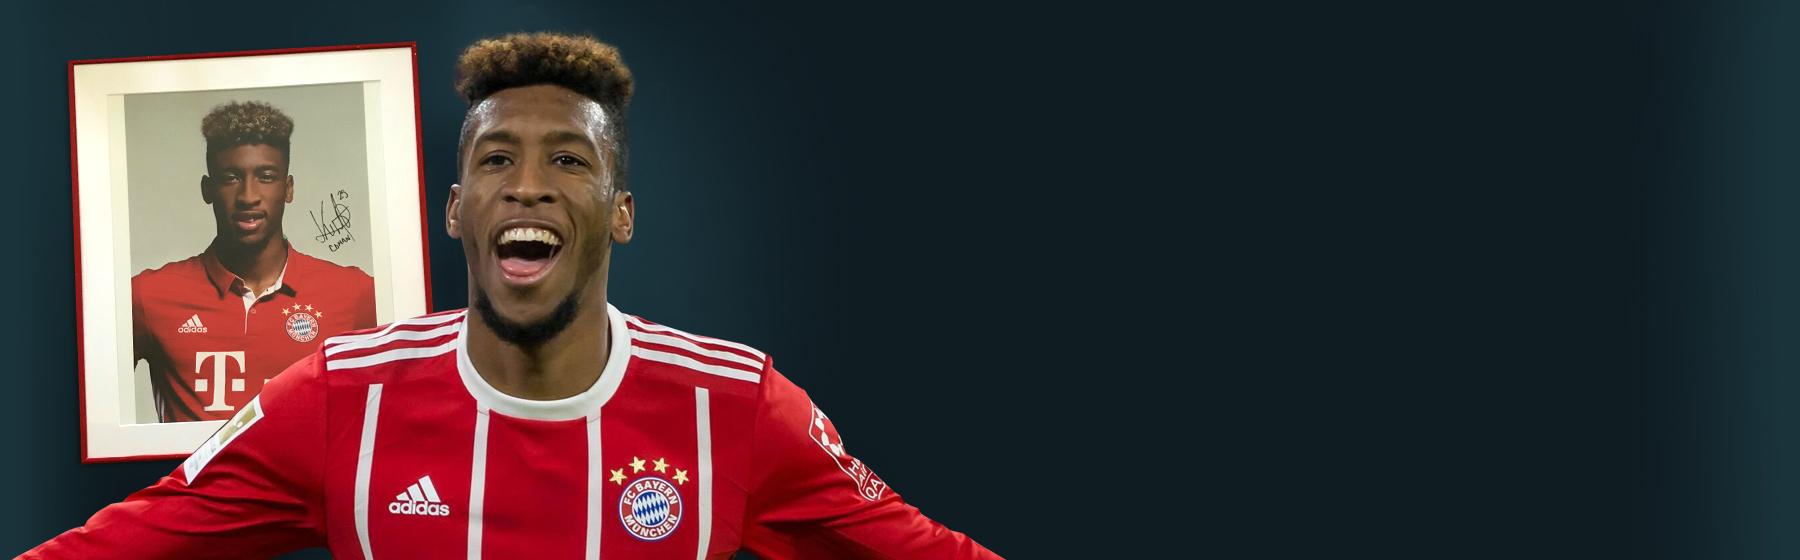 Kingsley Coman FC Bayern München jubelt und Spielerportrait im Hintergrund Header-Bild